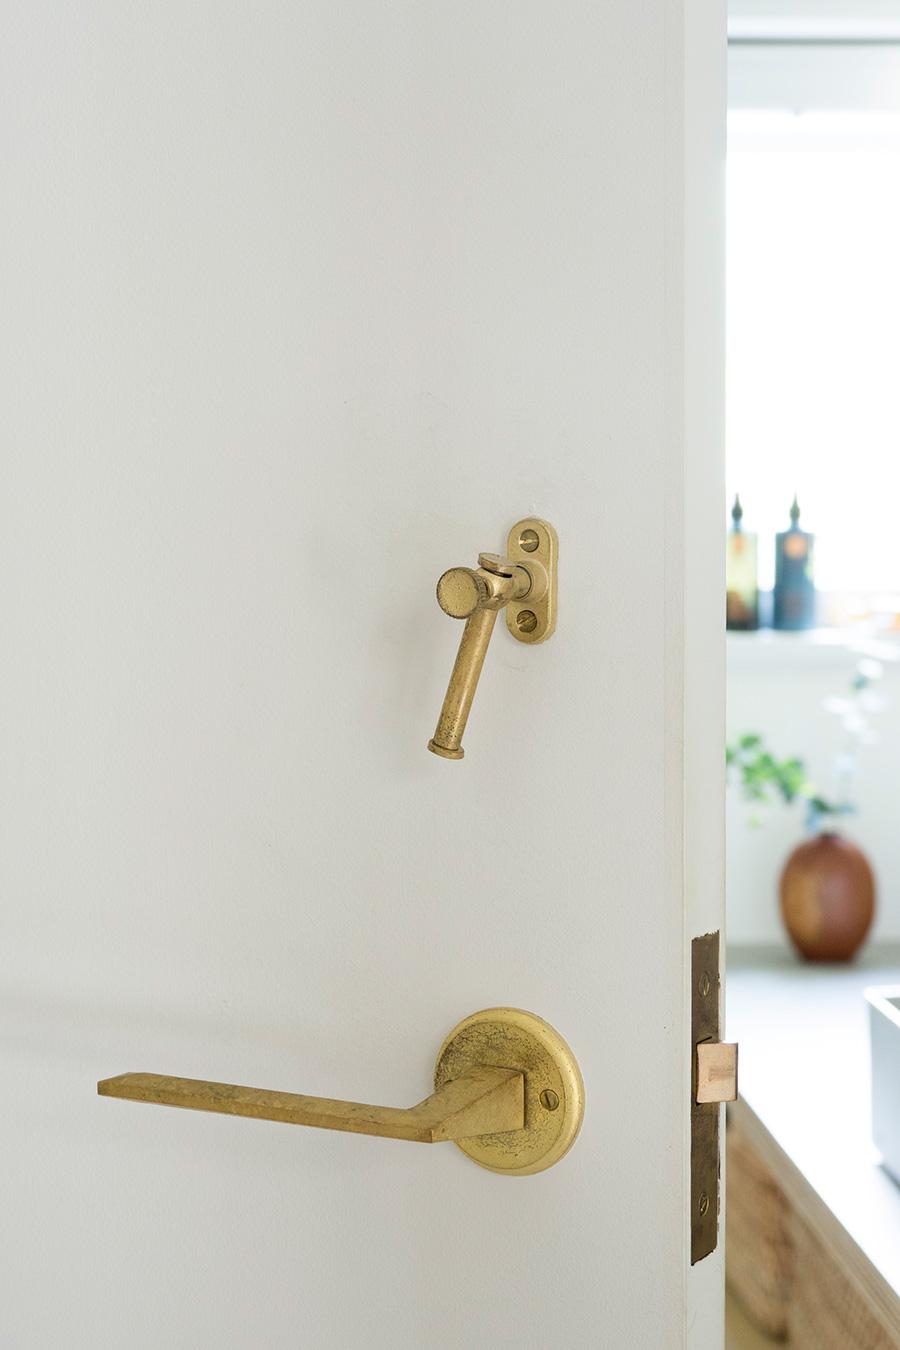 バスルームのドアの取っ手や鍵に真鍮を採用。味のある光沢感がシンプルな空間に趣きを添える。